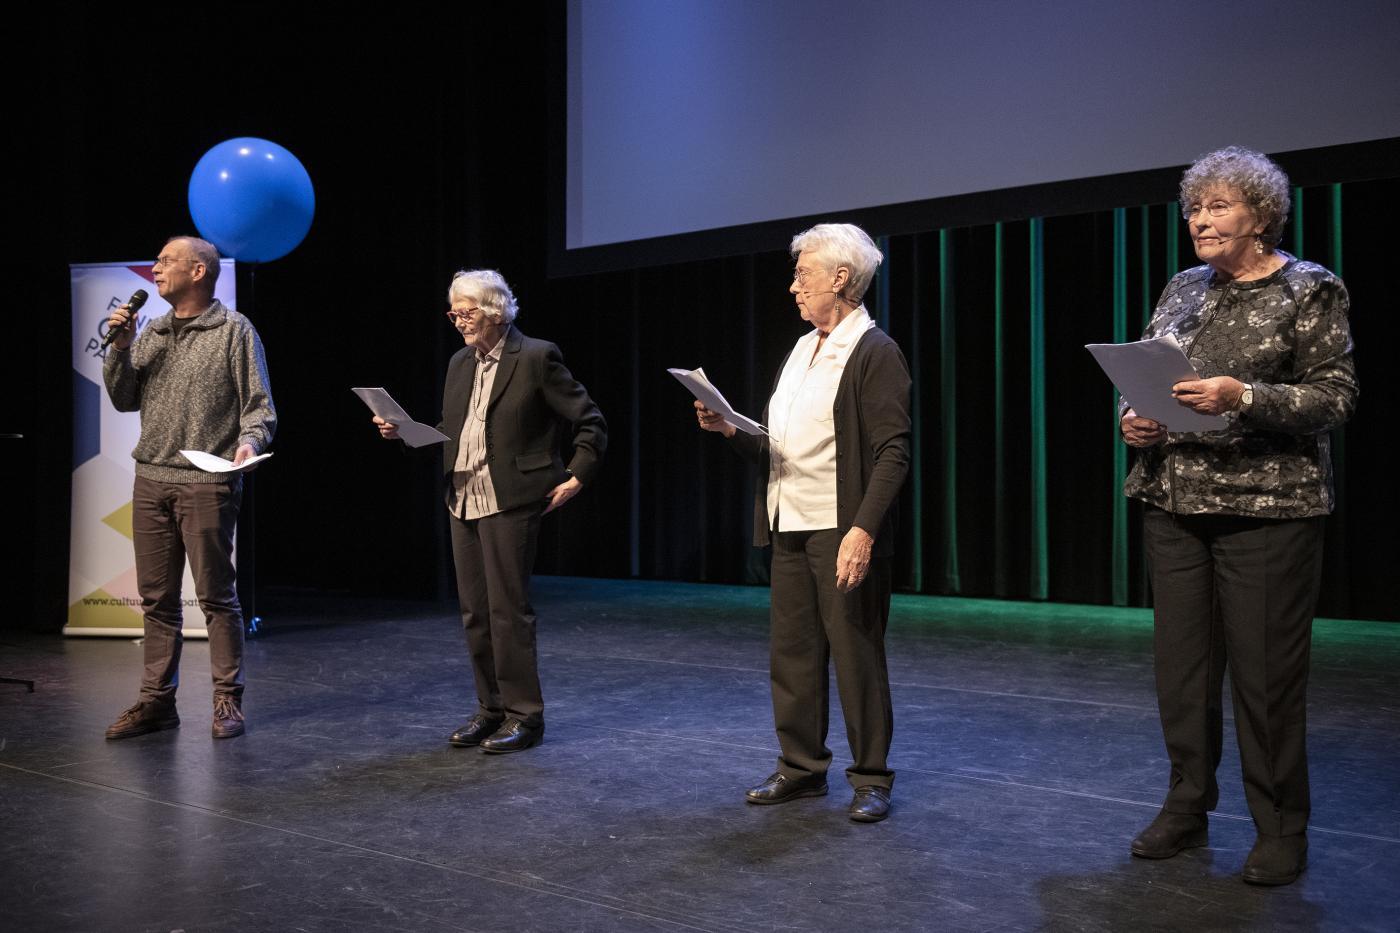 Amersfoort werkt aan cultuurparticipatie voor kwetsbare groep ouderen met dementie